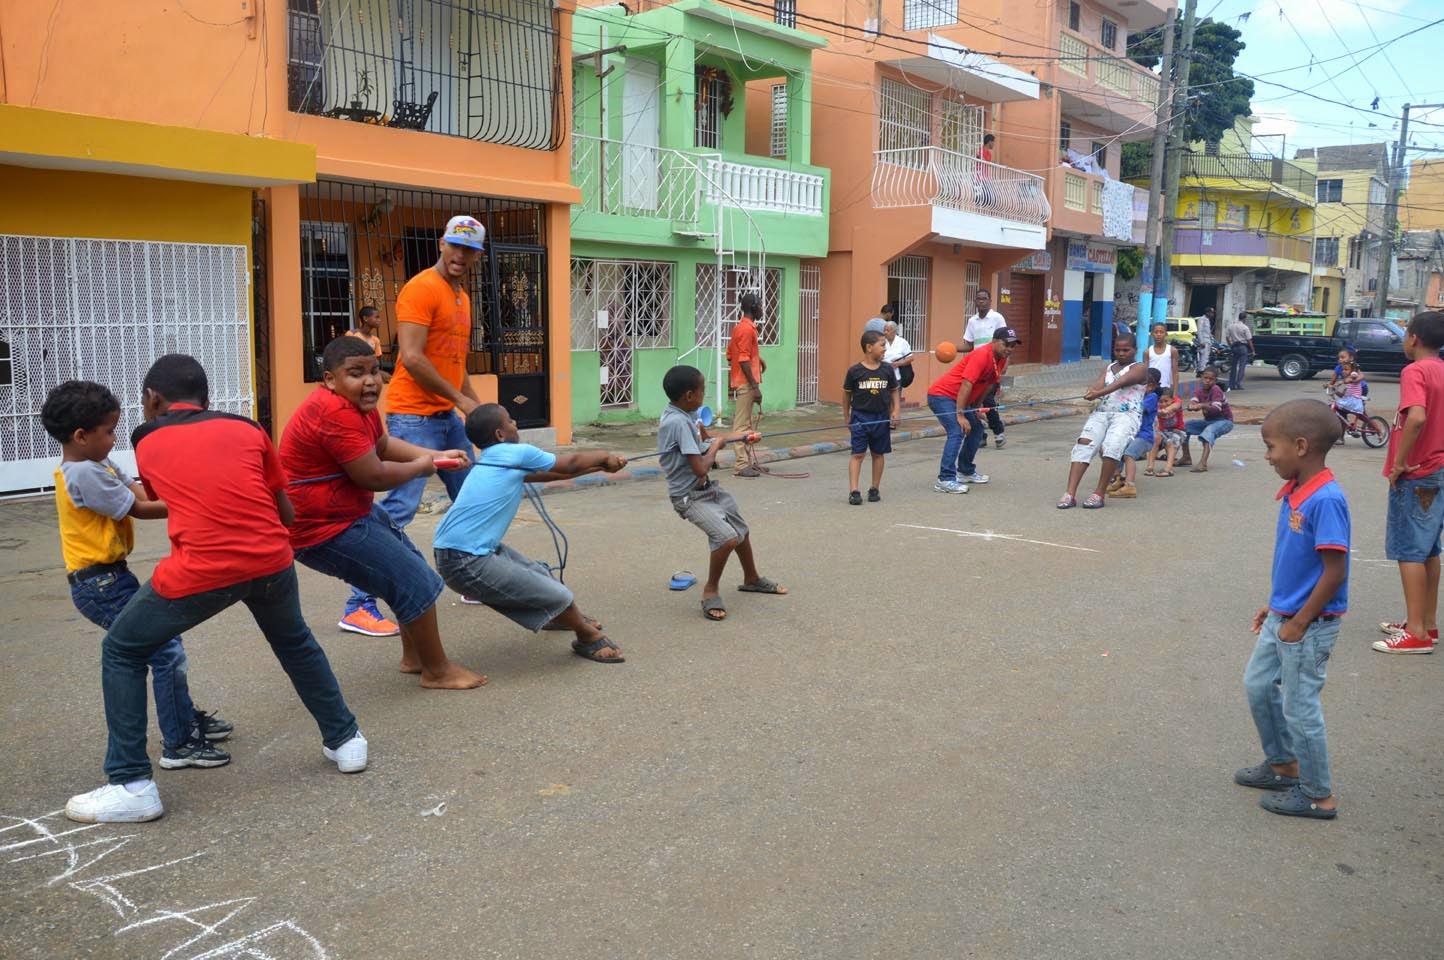 Realizan Competencia De Juegos Infantiles Por La Paz En Sector